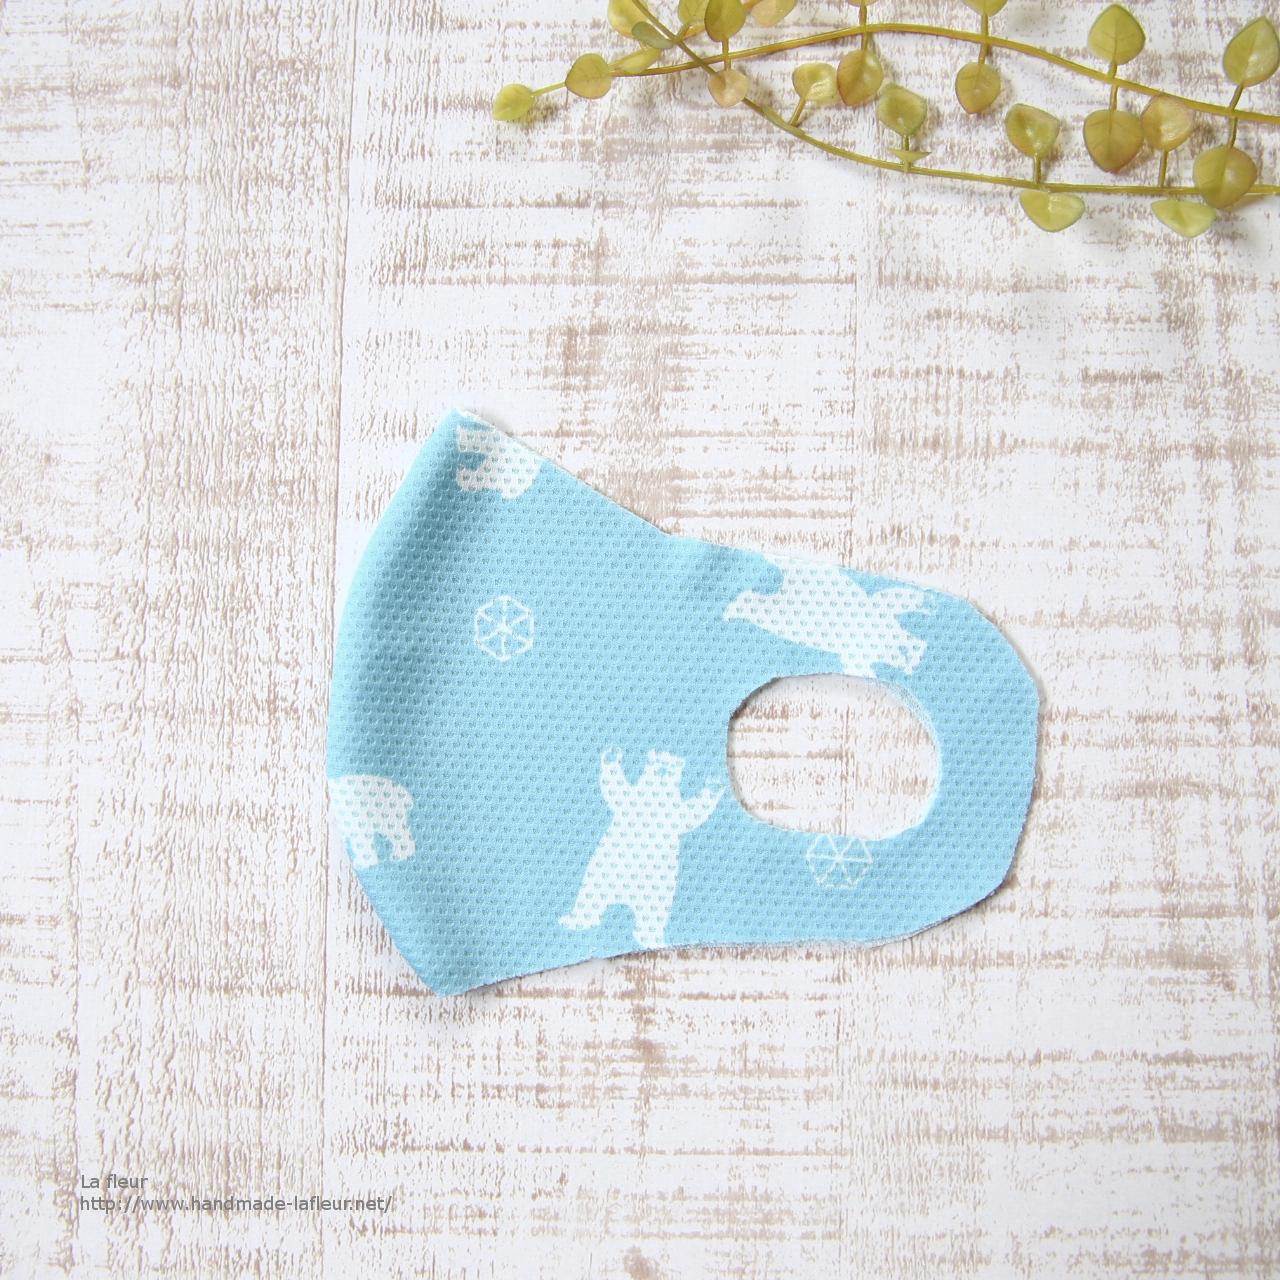 子供用立体マスク*クールタッチクロス しろくま水色 ニット 夏用 ピッタ風キッズマスク/La fleur